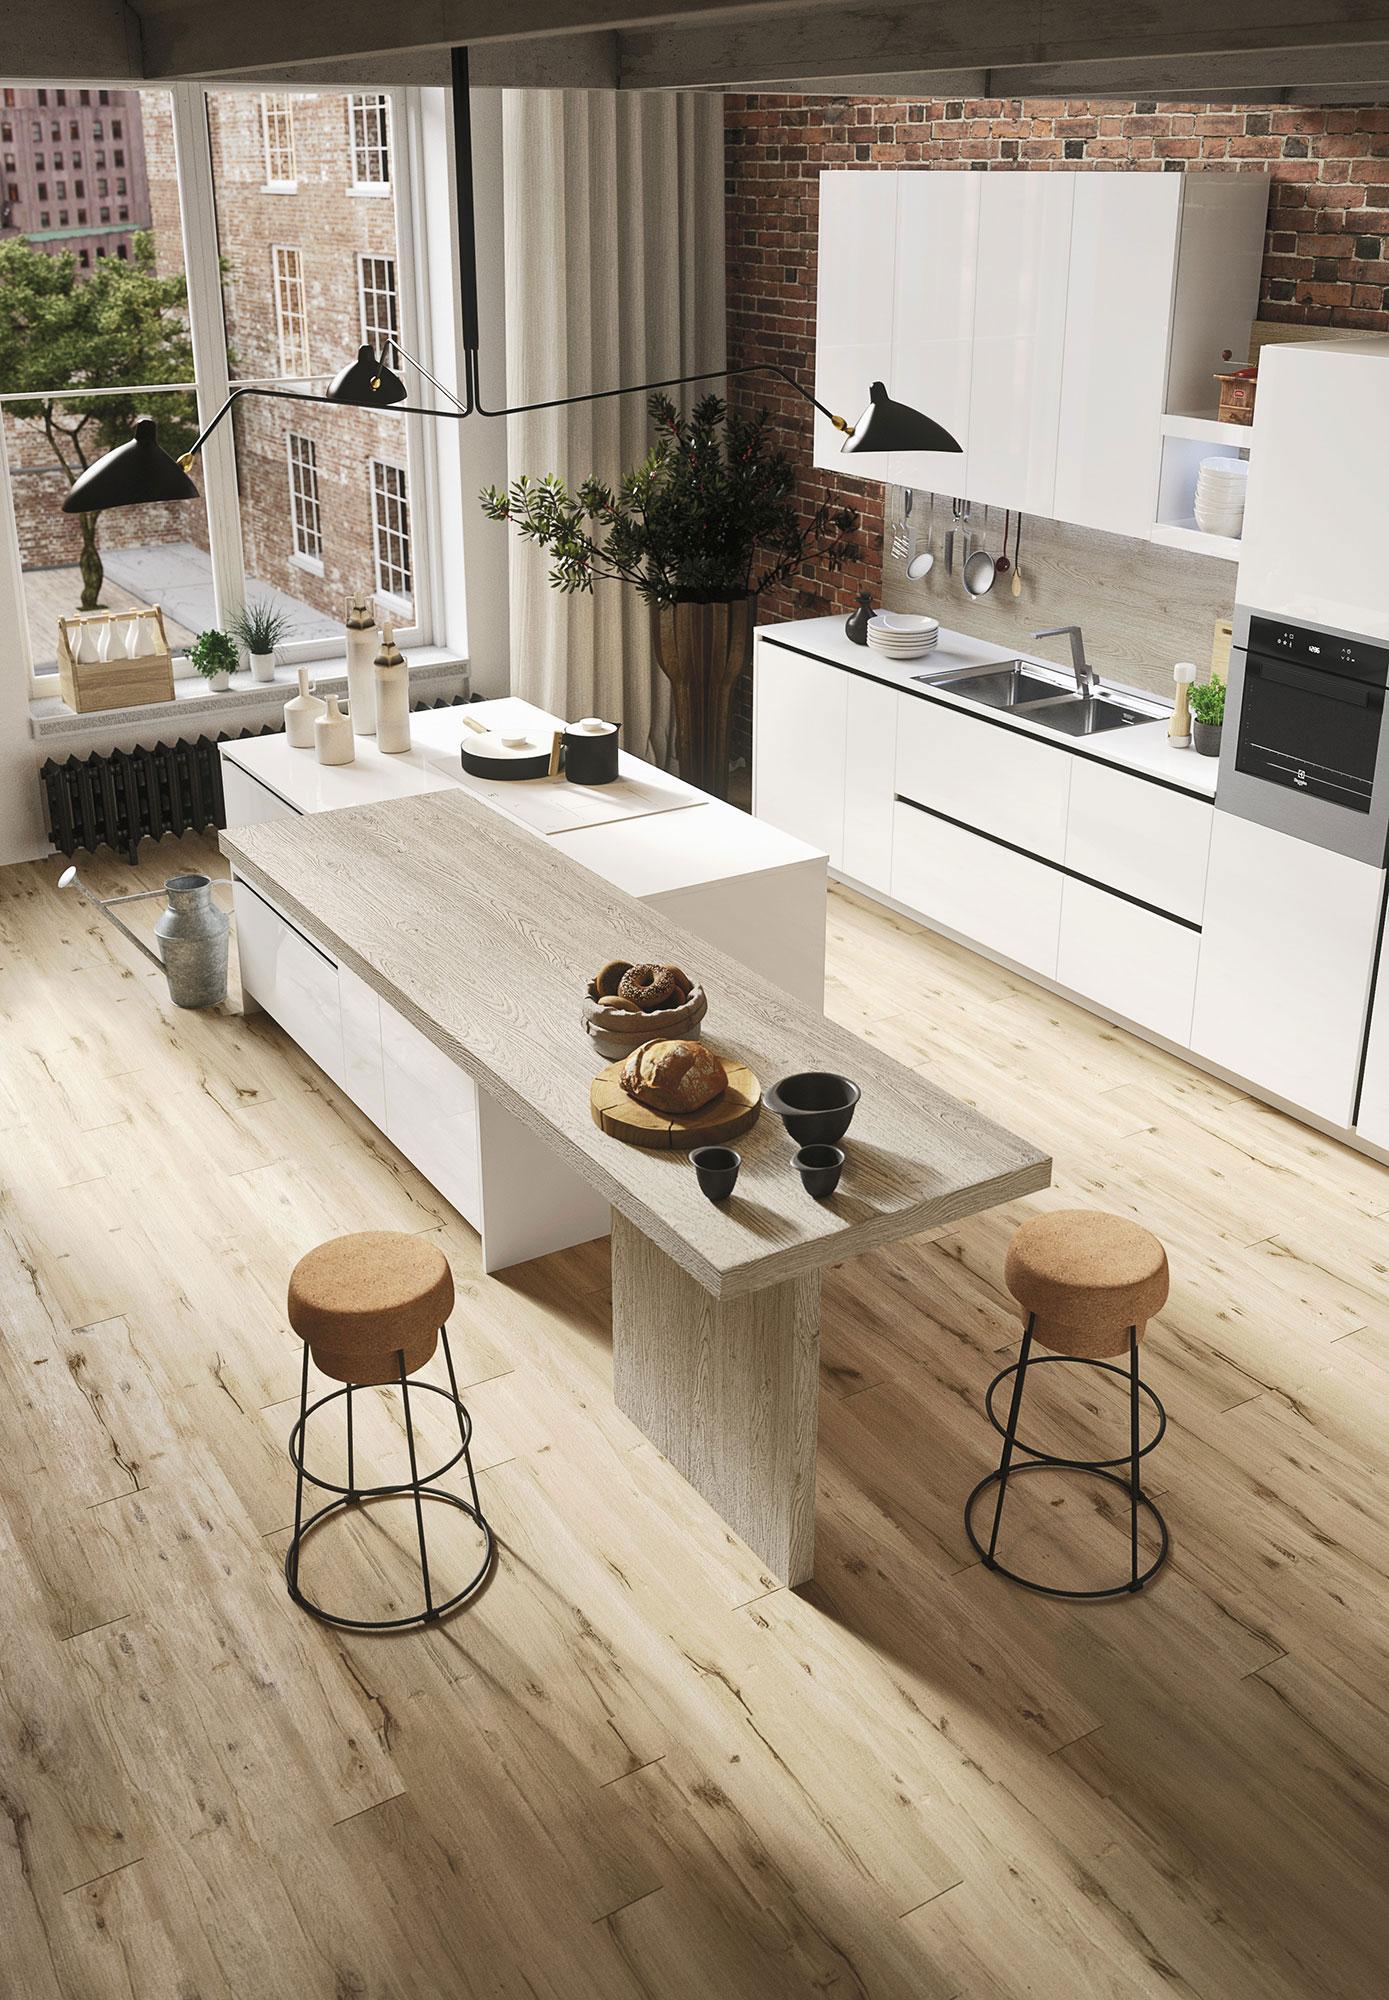 cucine-design-economiche-first-snaidero-dettaglio-1